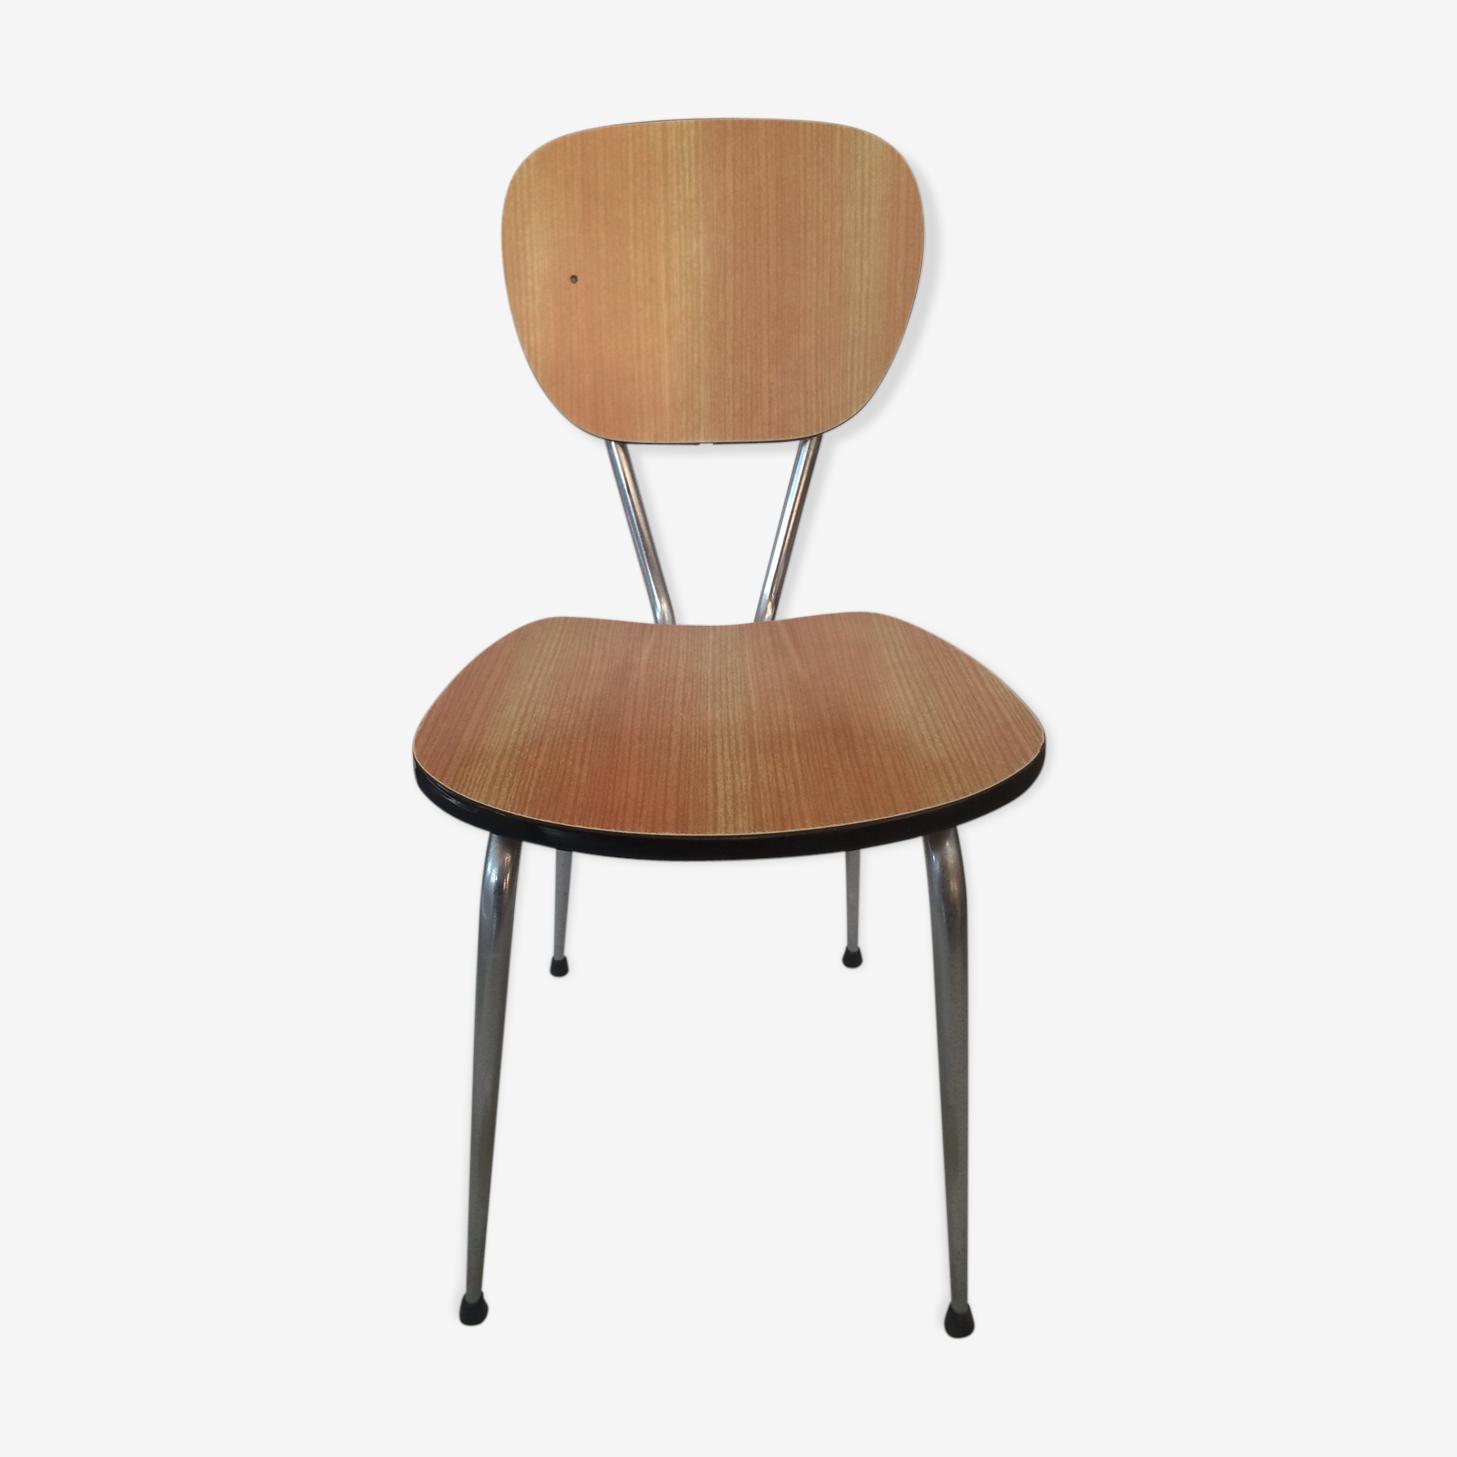 Chaise en formica orange / marron